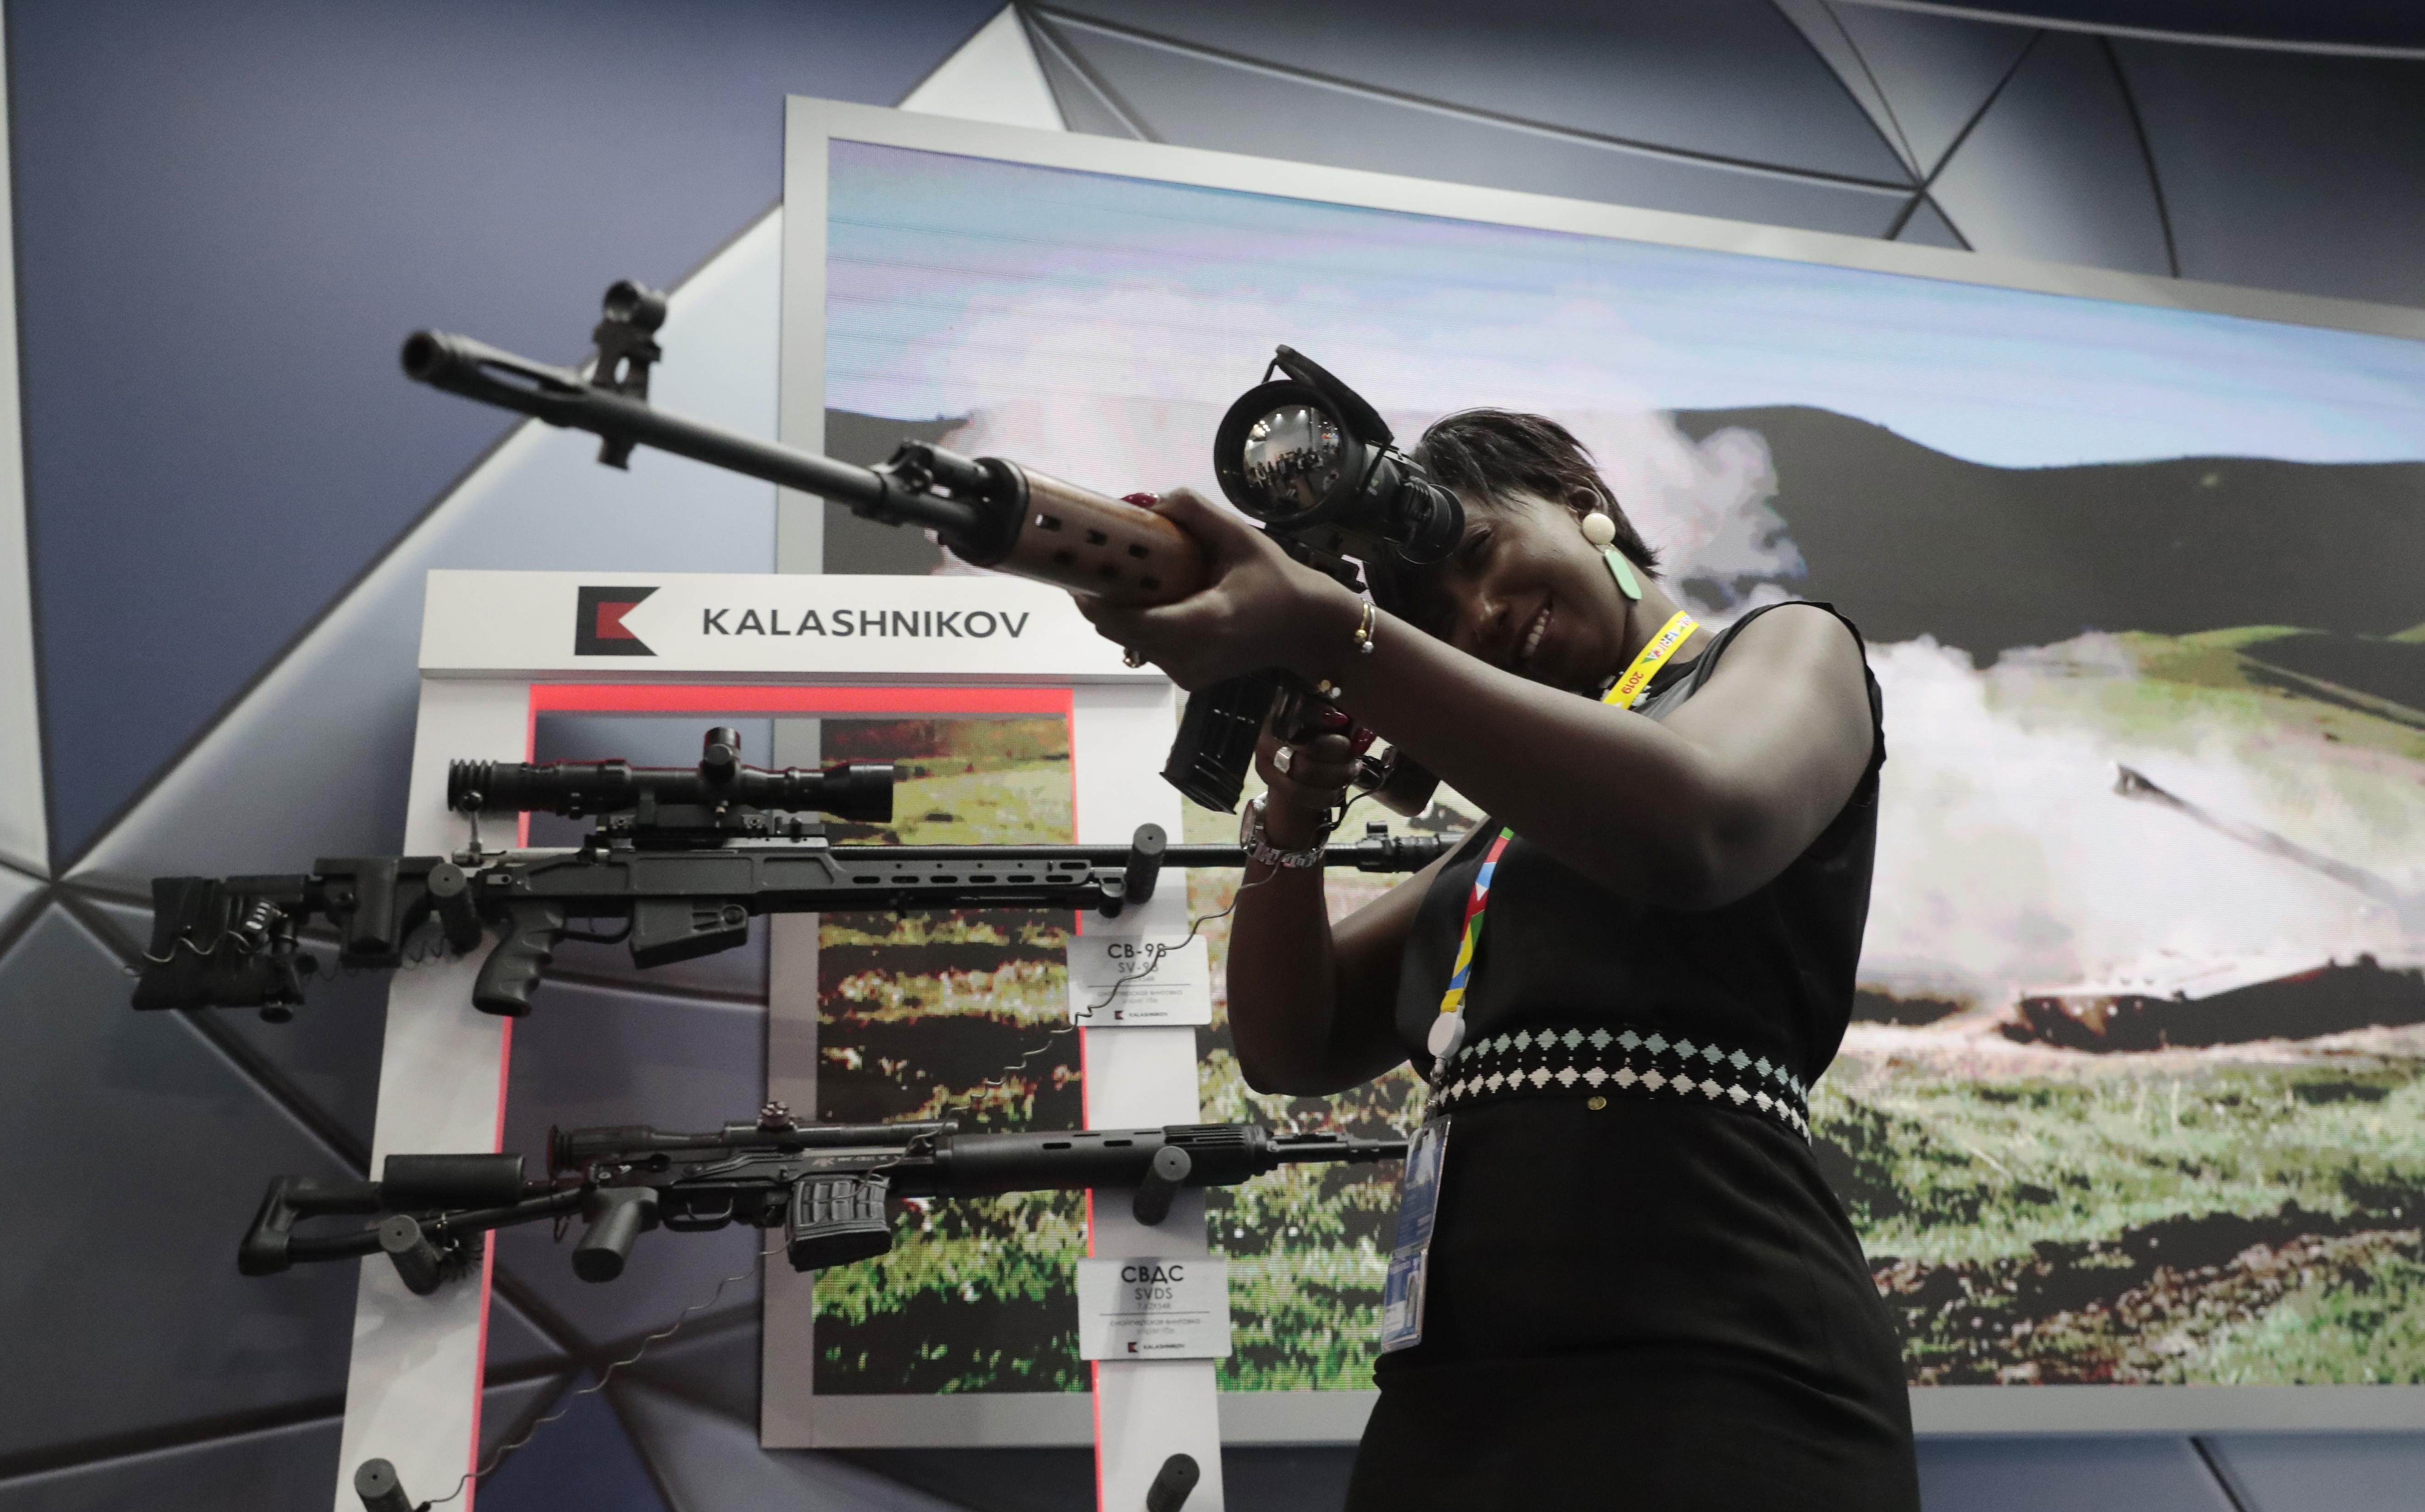 إحدى المشاركات في القمة تتفحص أسلحة روسية في معرض أقيم على الهامش